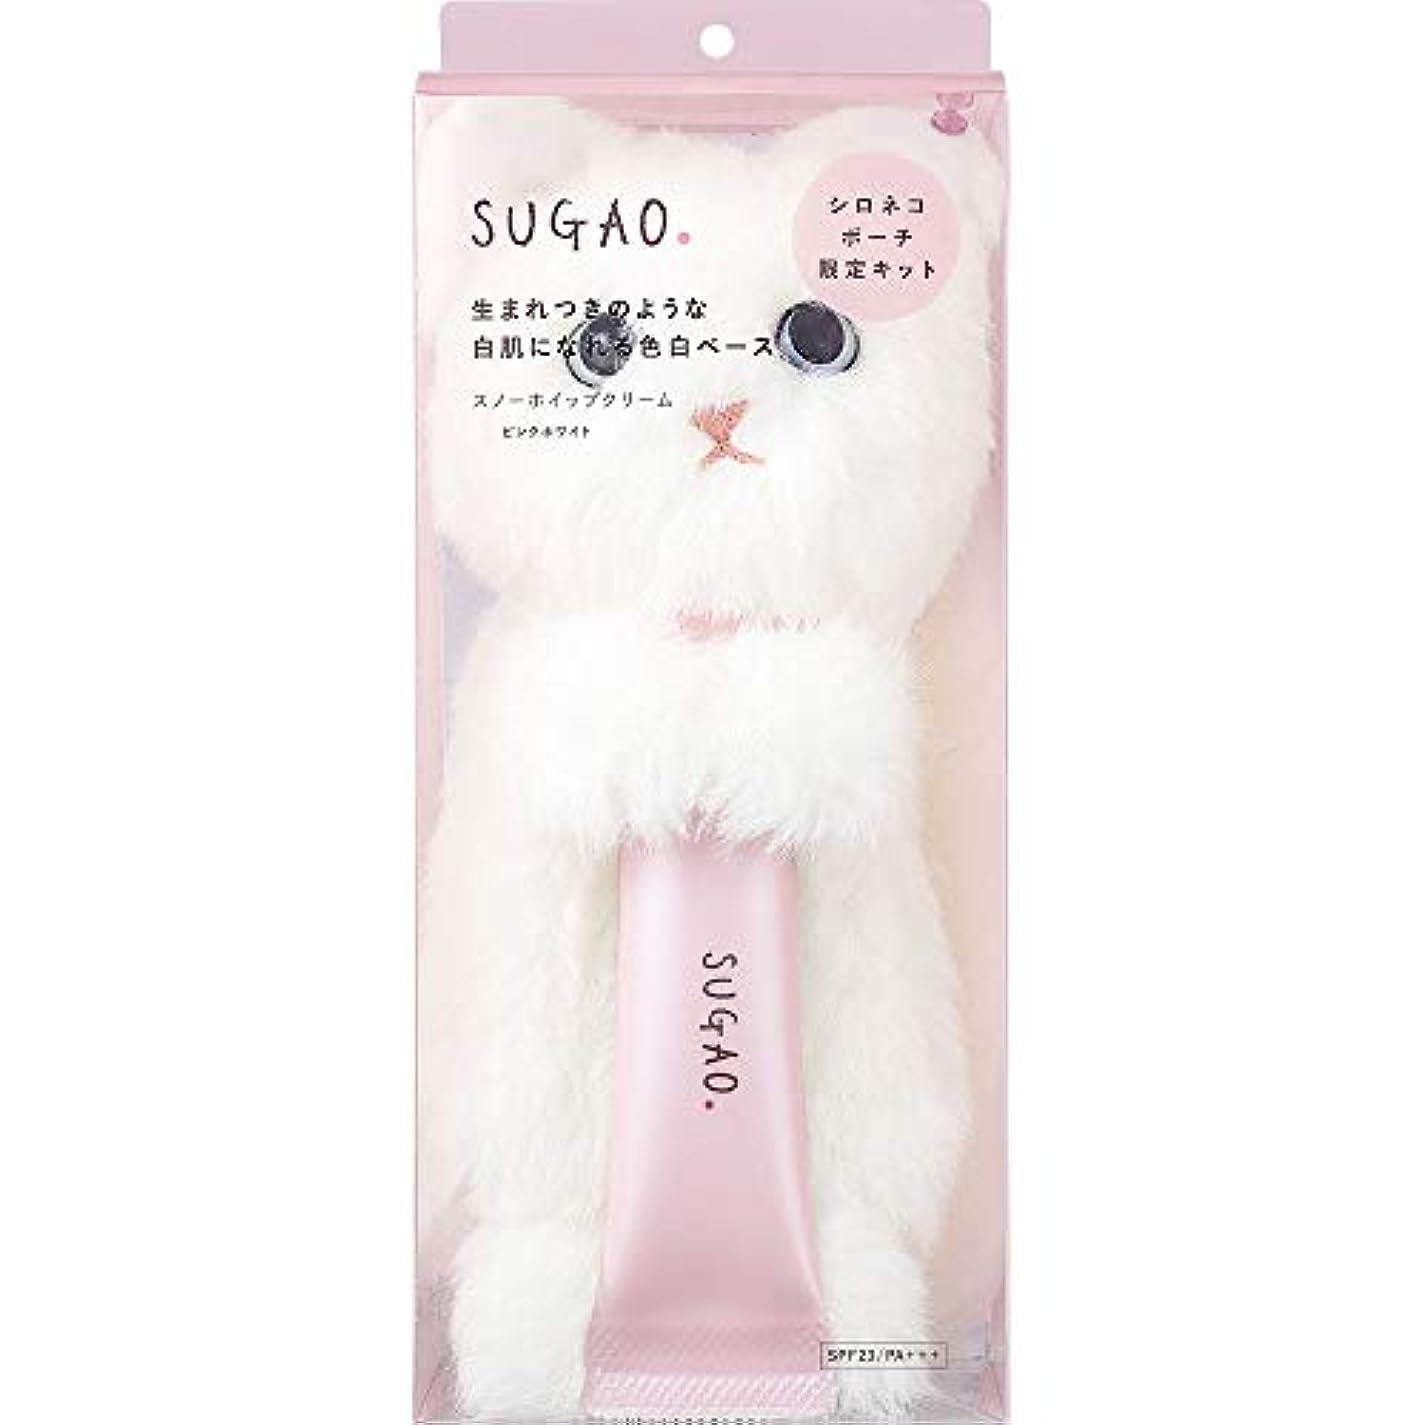 部族機械的流すスガオ (SUGAO) 化粧下地 スノーホイップクリーム シロネコポーチ付き